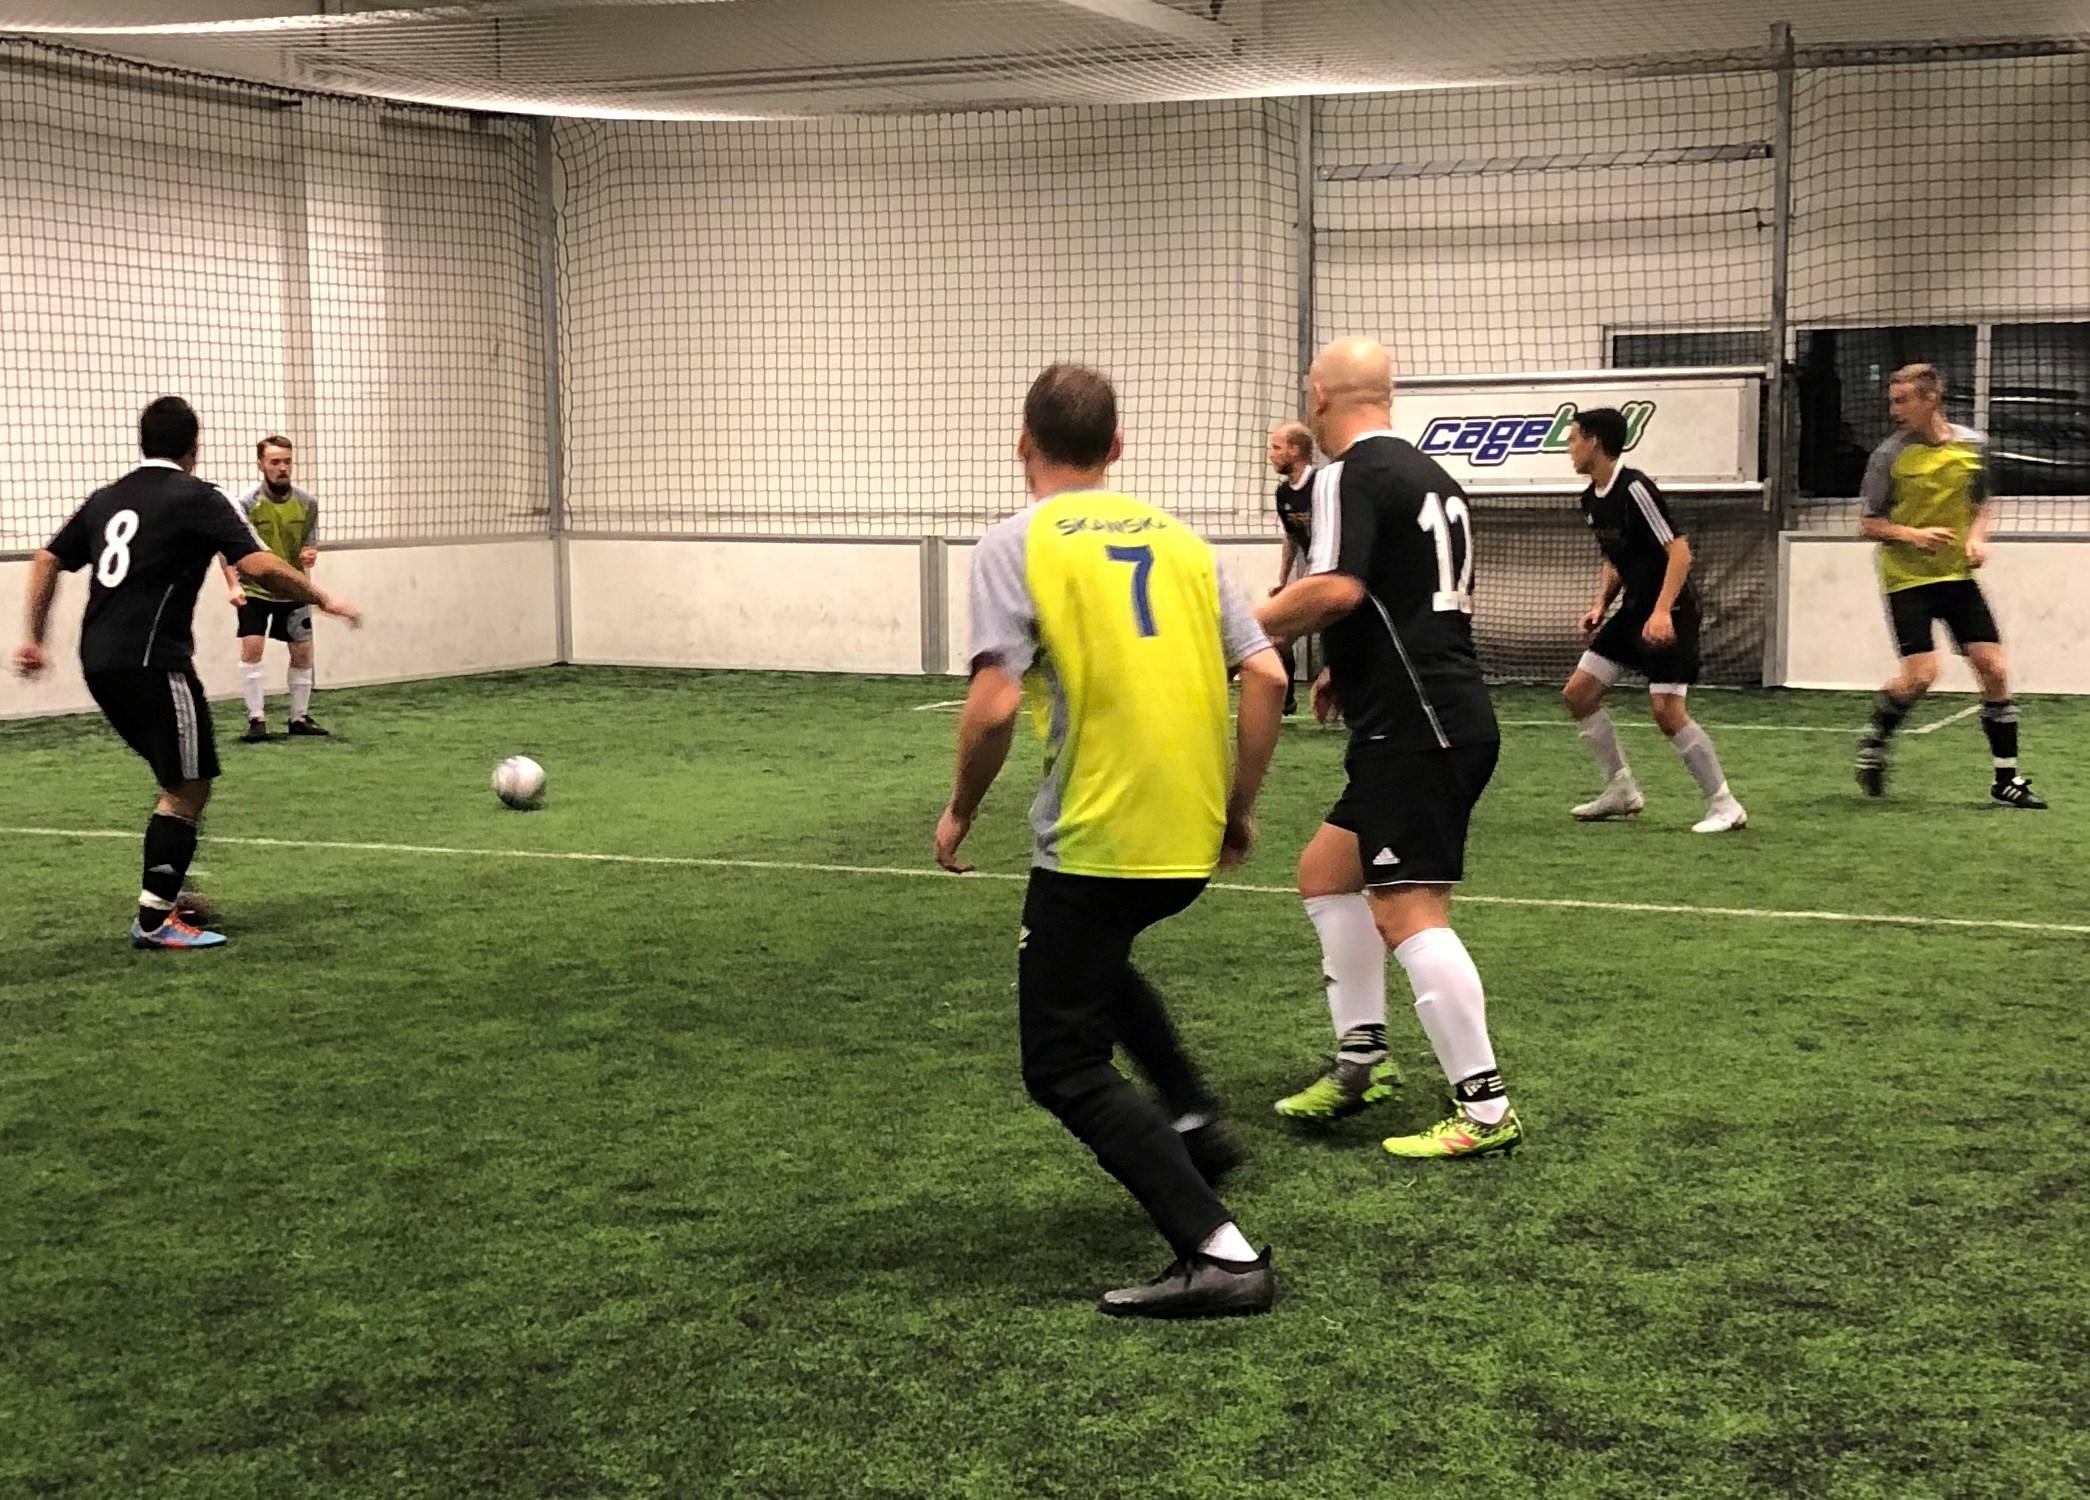 Et bilde som inneholder gress, fotball, leker, ballAutomatisk generert beskrivelse